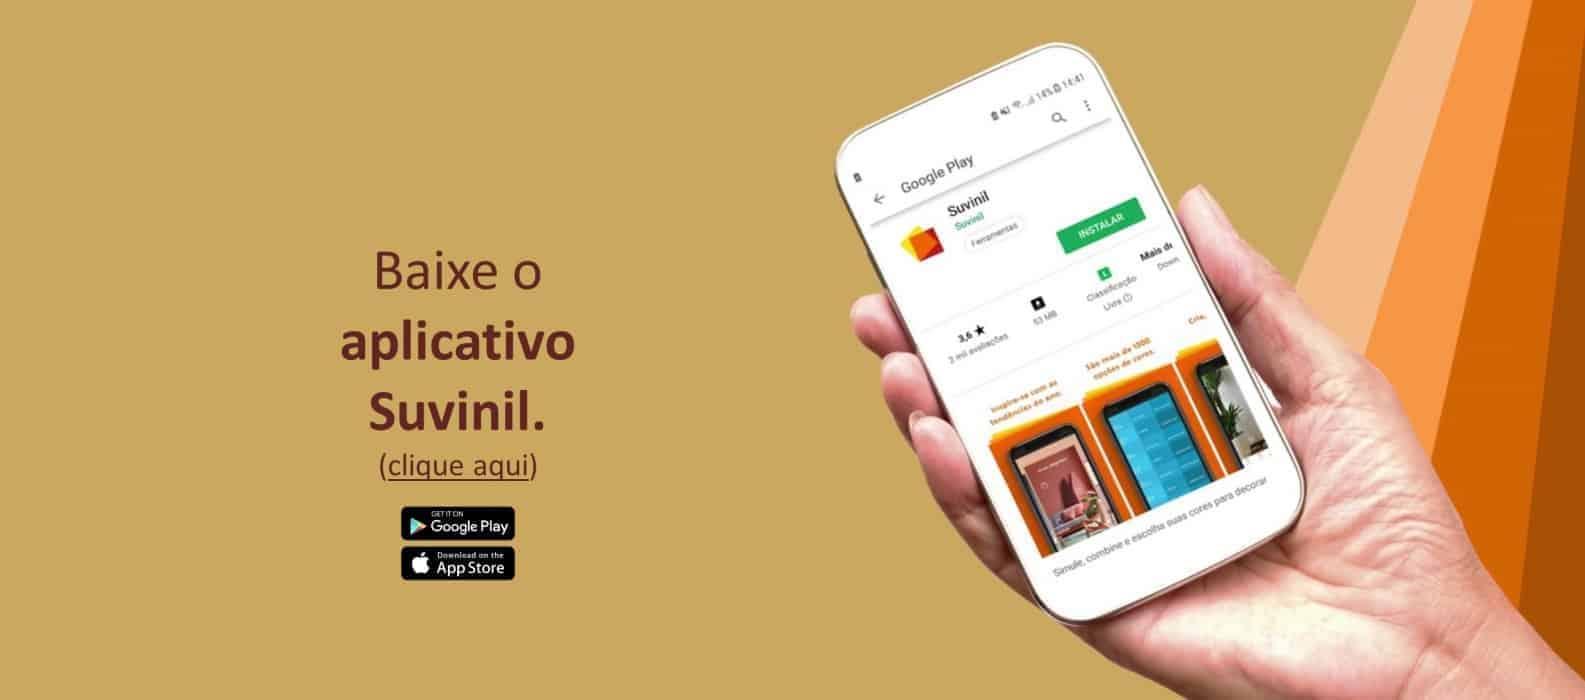 https://www.suvinil.com.br/aplicativo-suvinil